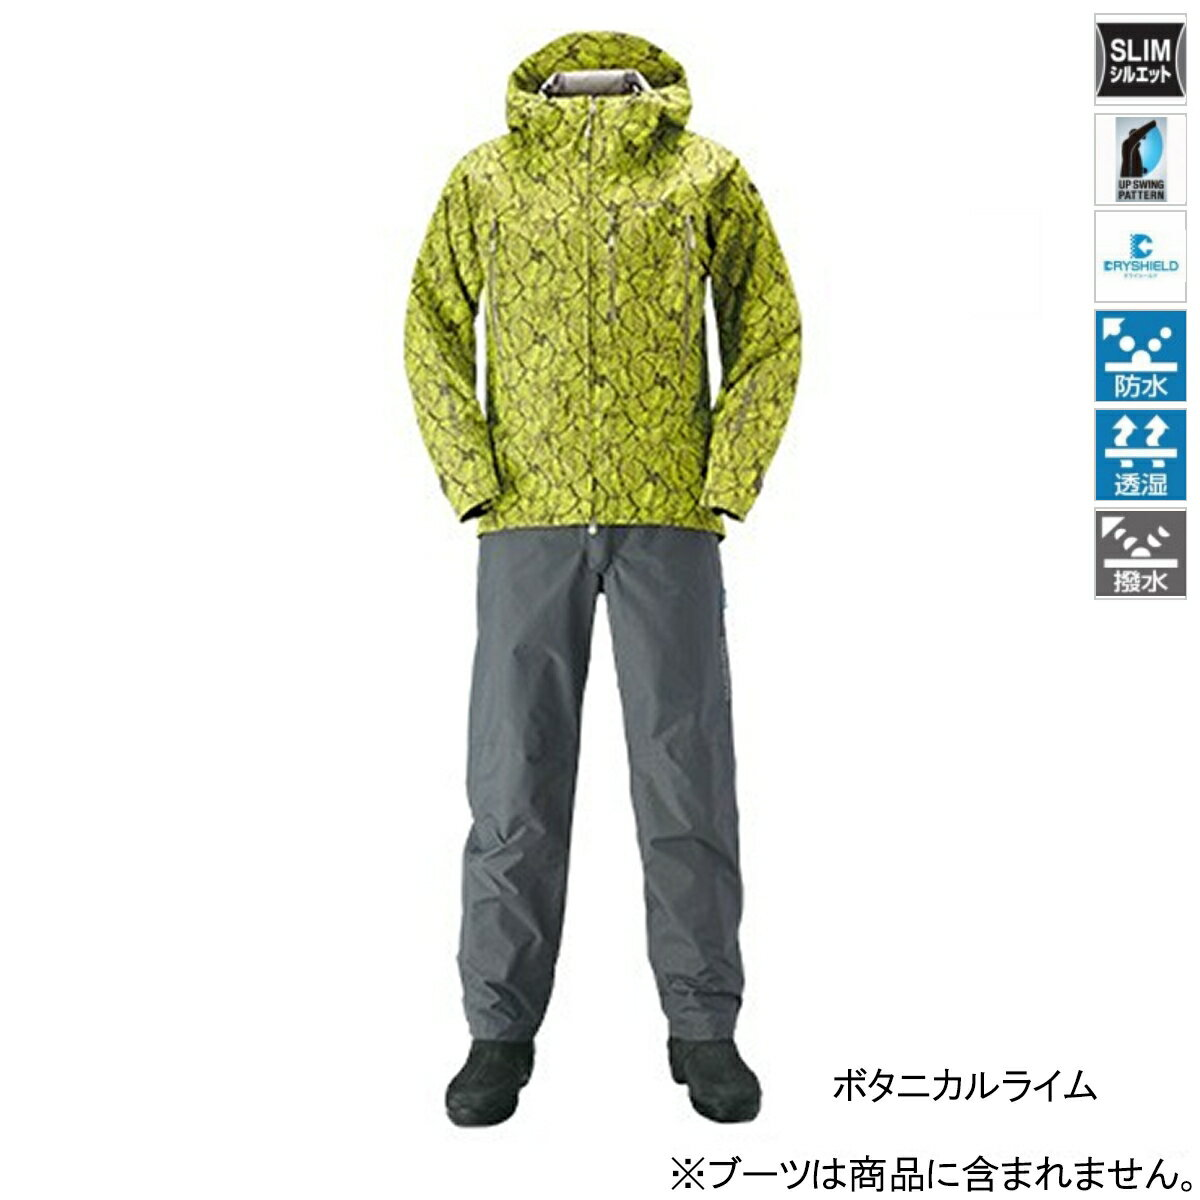 シマノ DSエクスプローラースーツ RA-024S XL ボタニカルライム【送料無料】